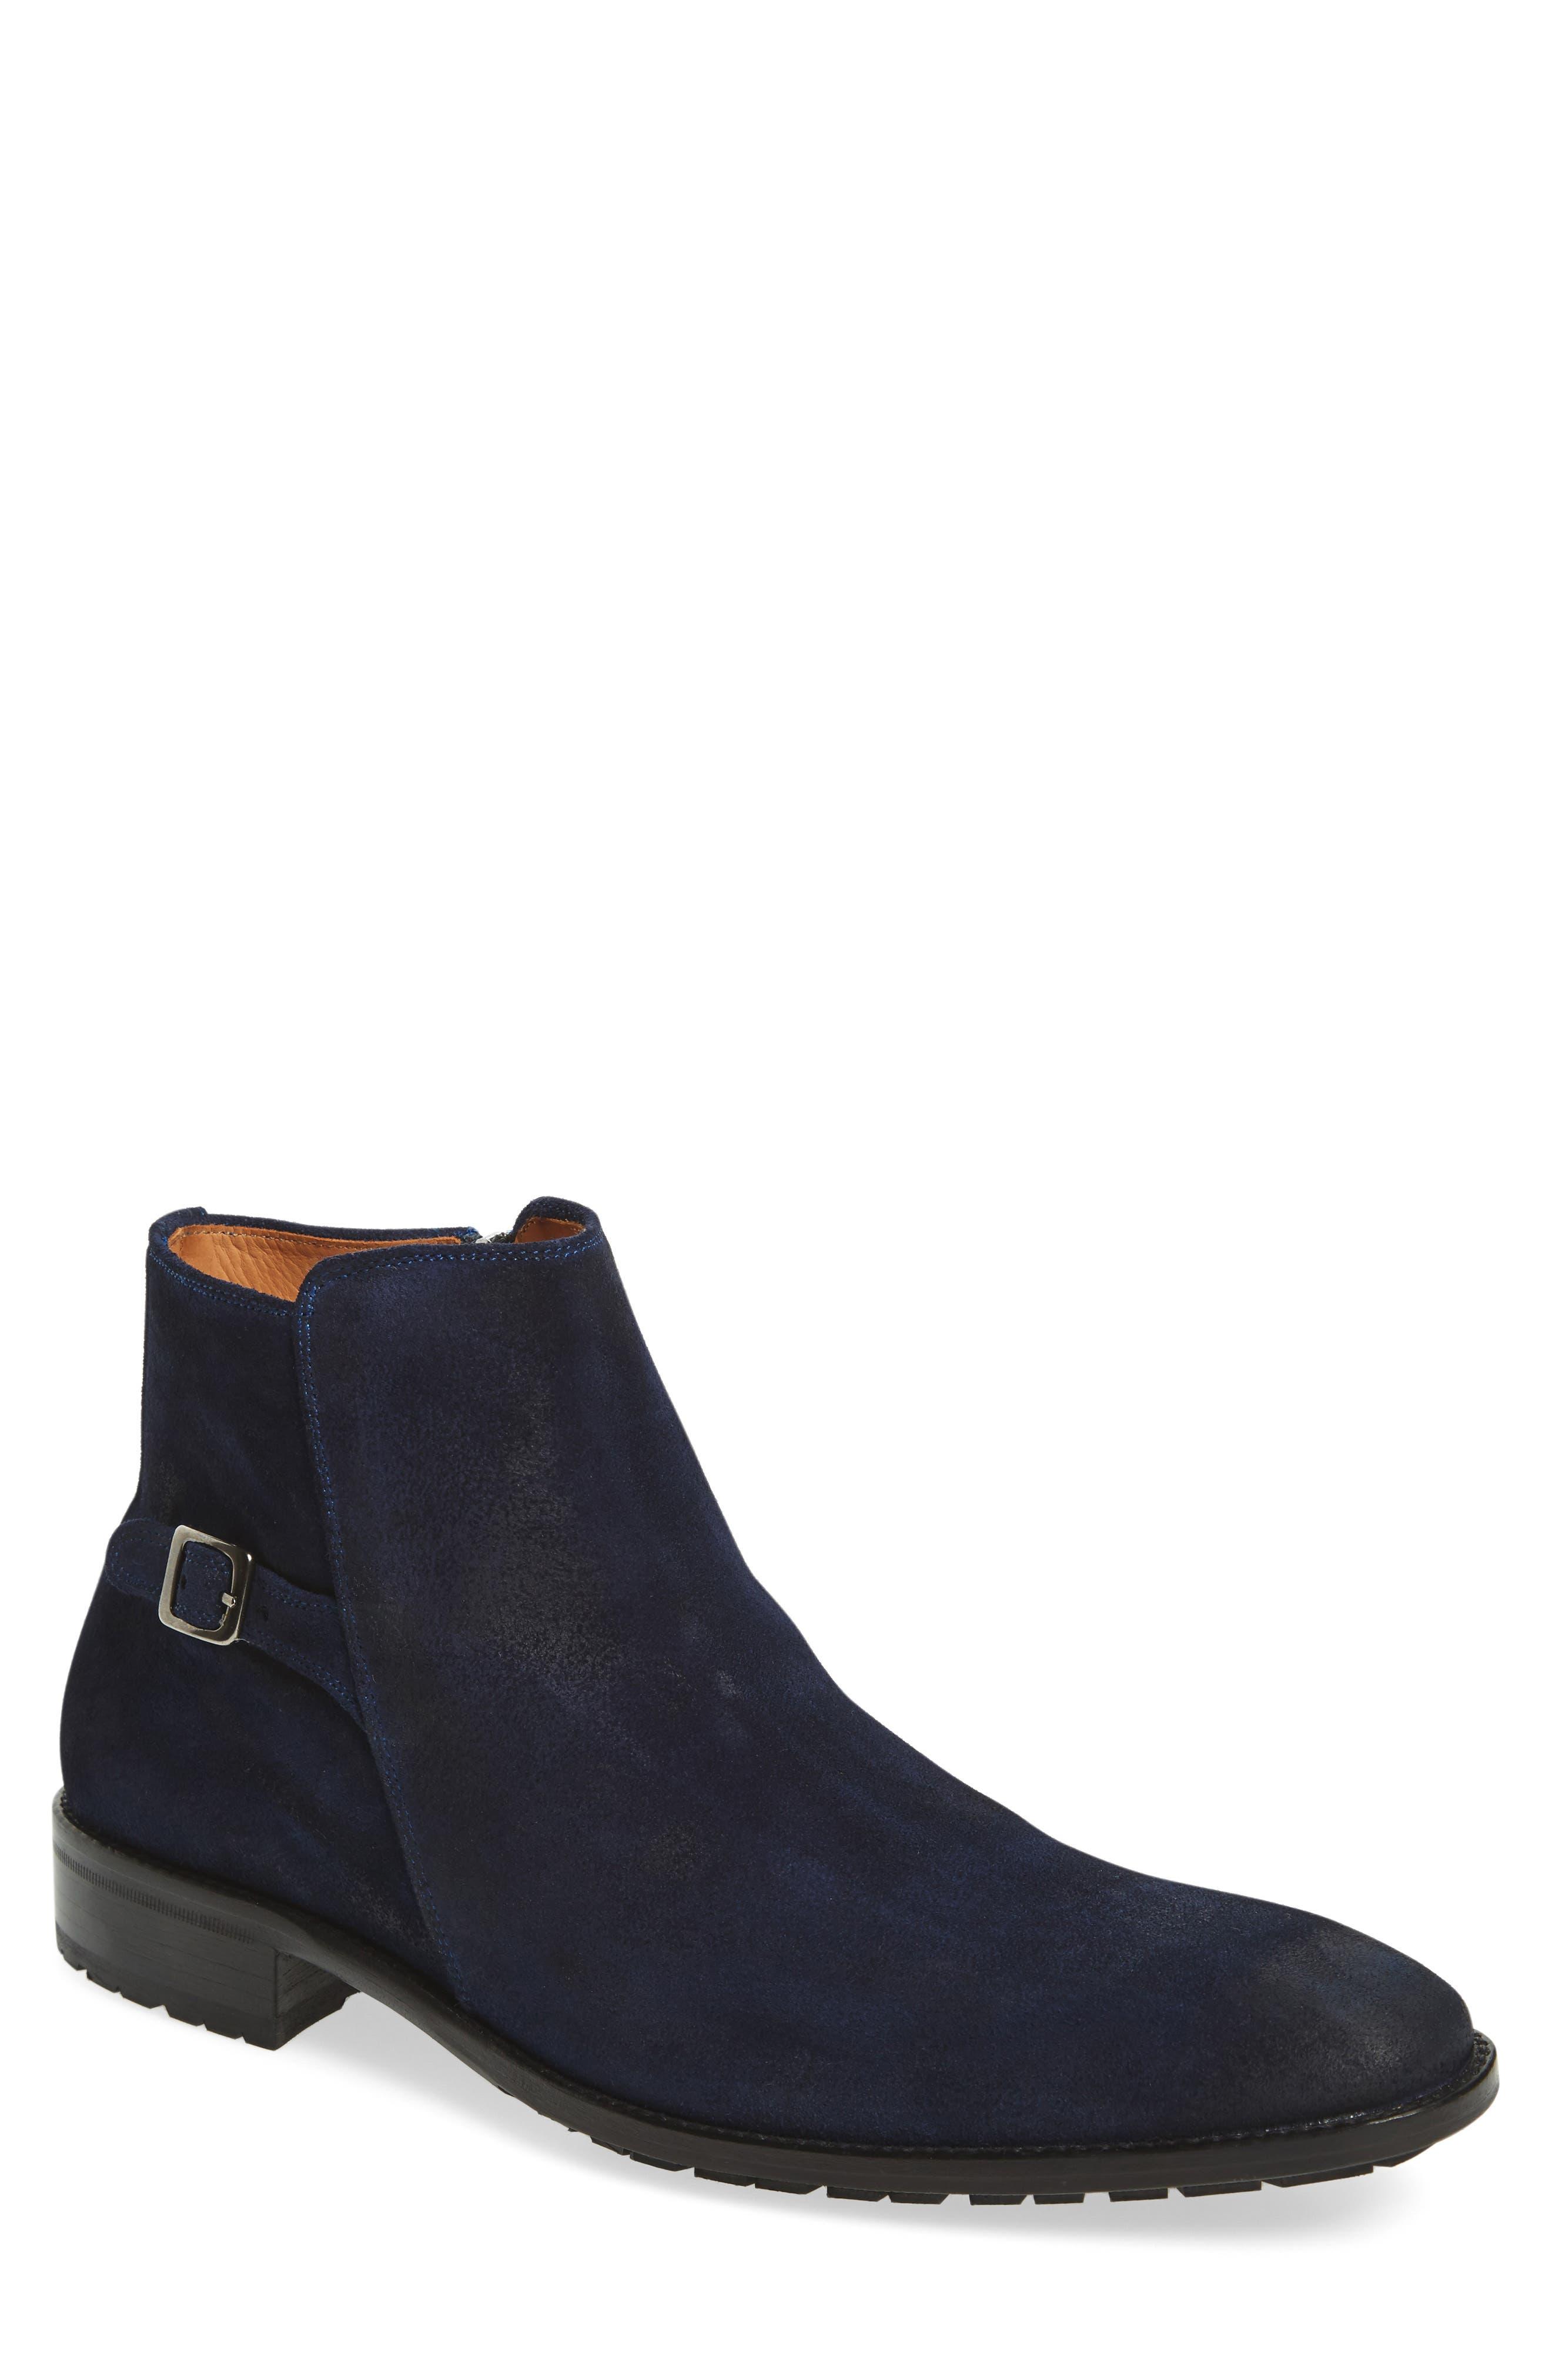 Alternate Image 1 Selected - Mezlan 'Elva' Zip Boot (Men)